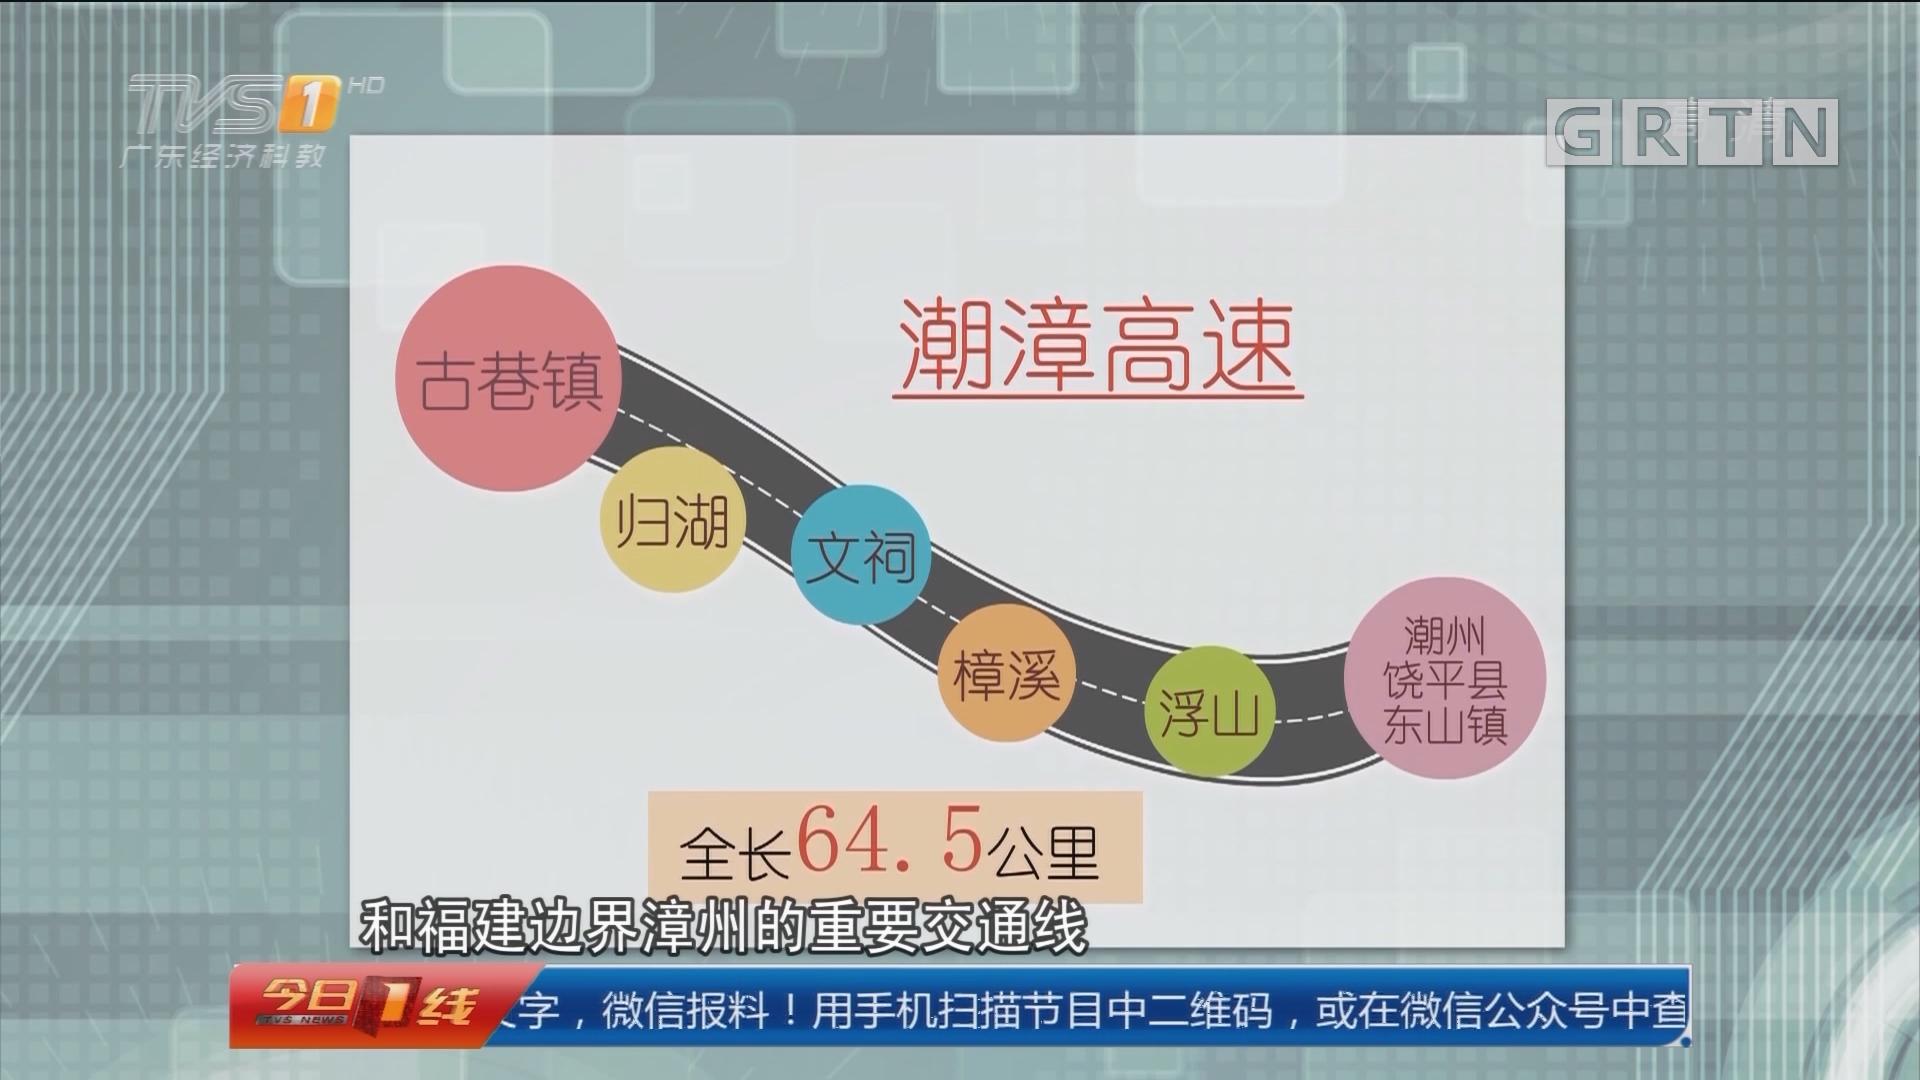 学习贯彻党的十九大精神:年底省内6条高速公路直通粤东粤西